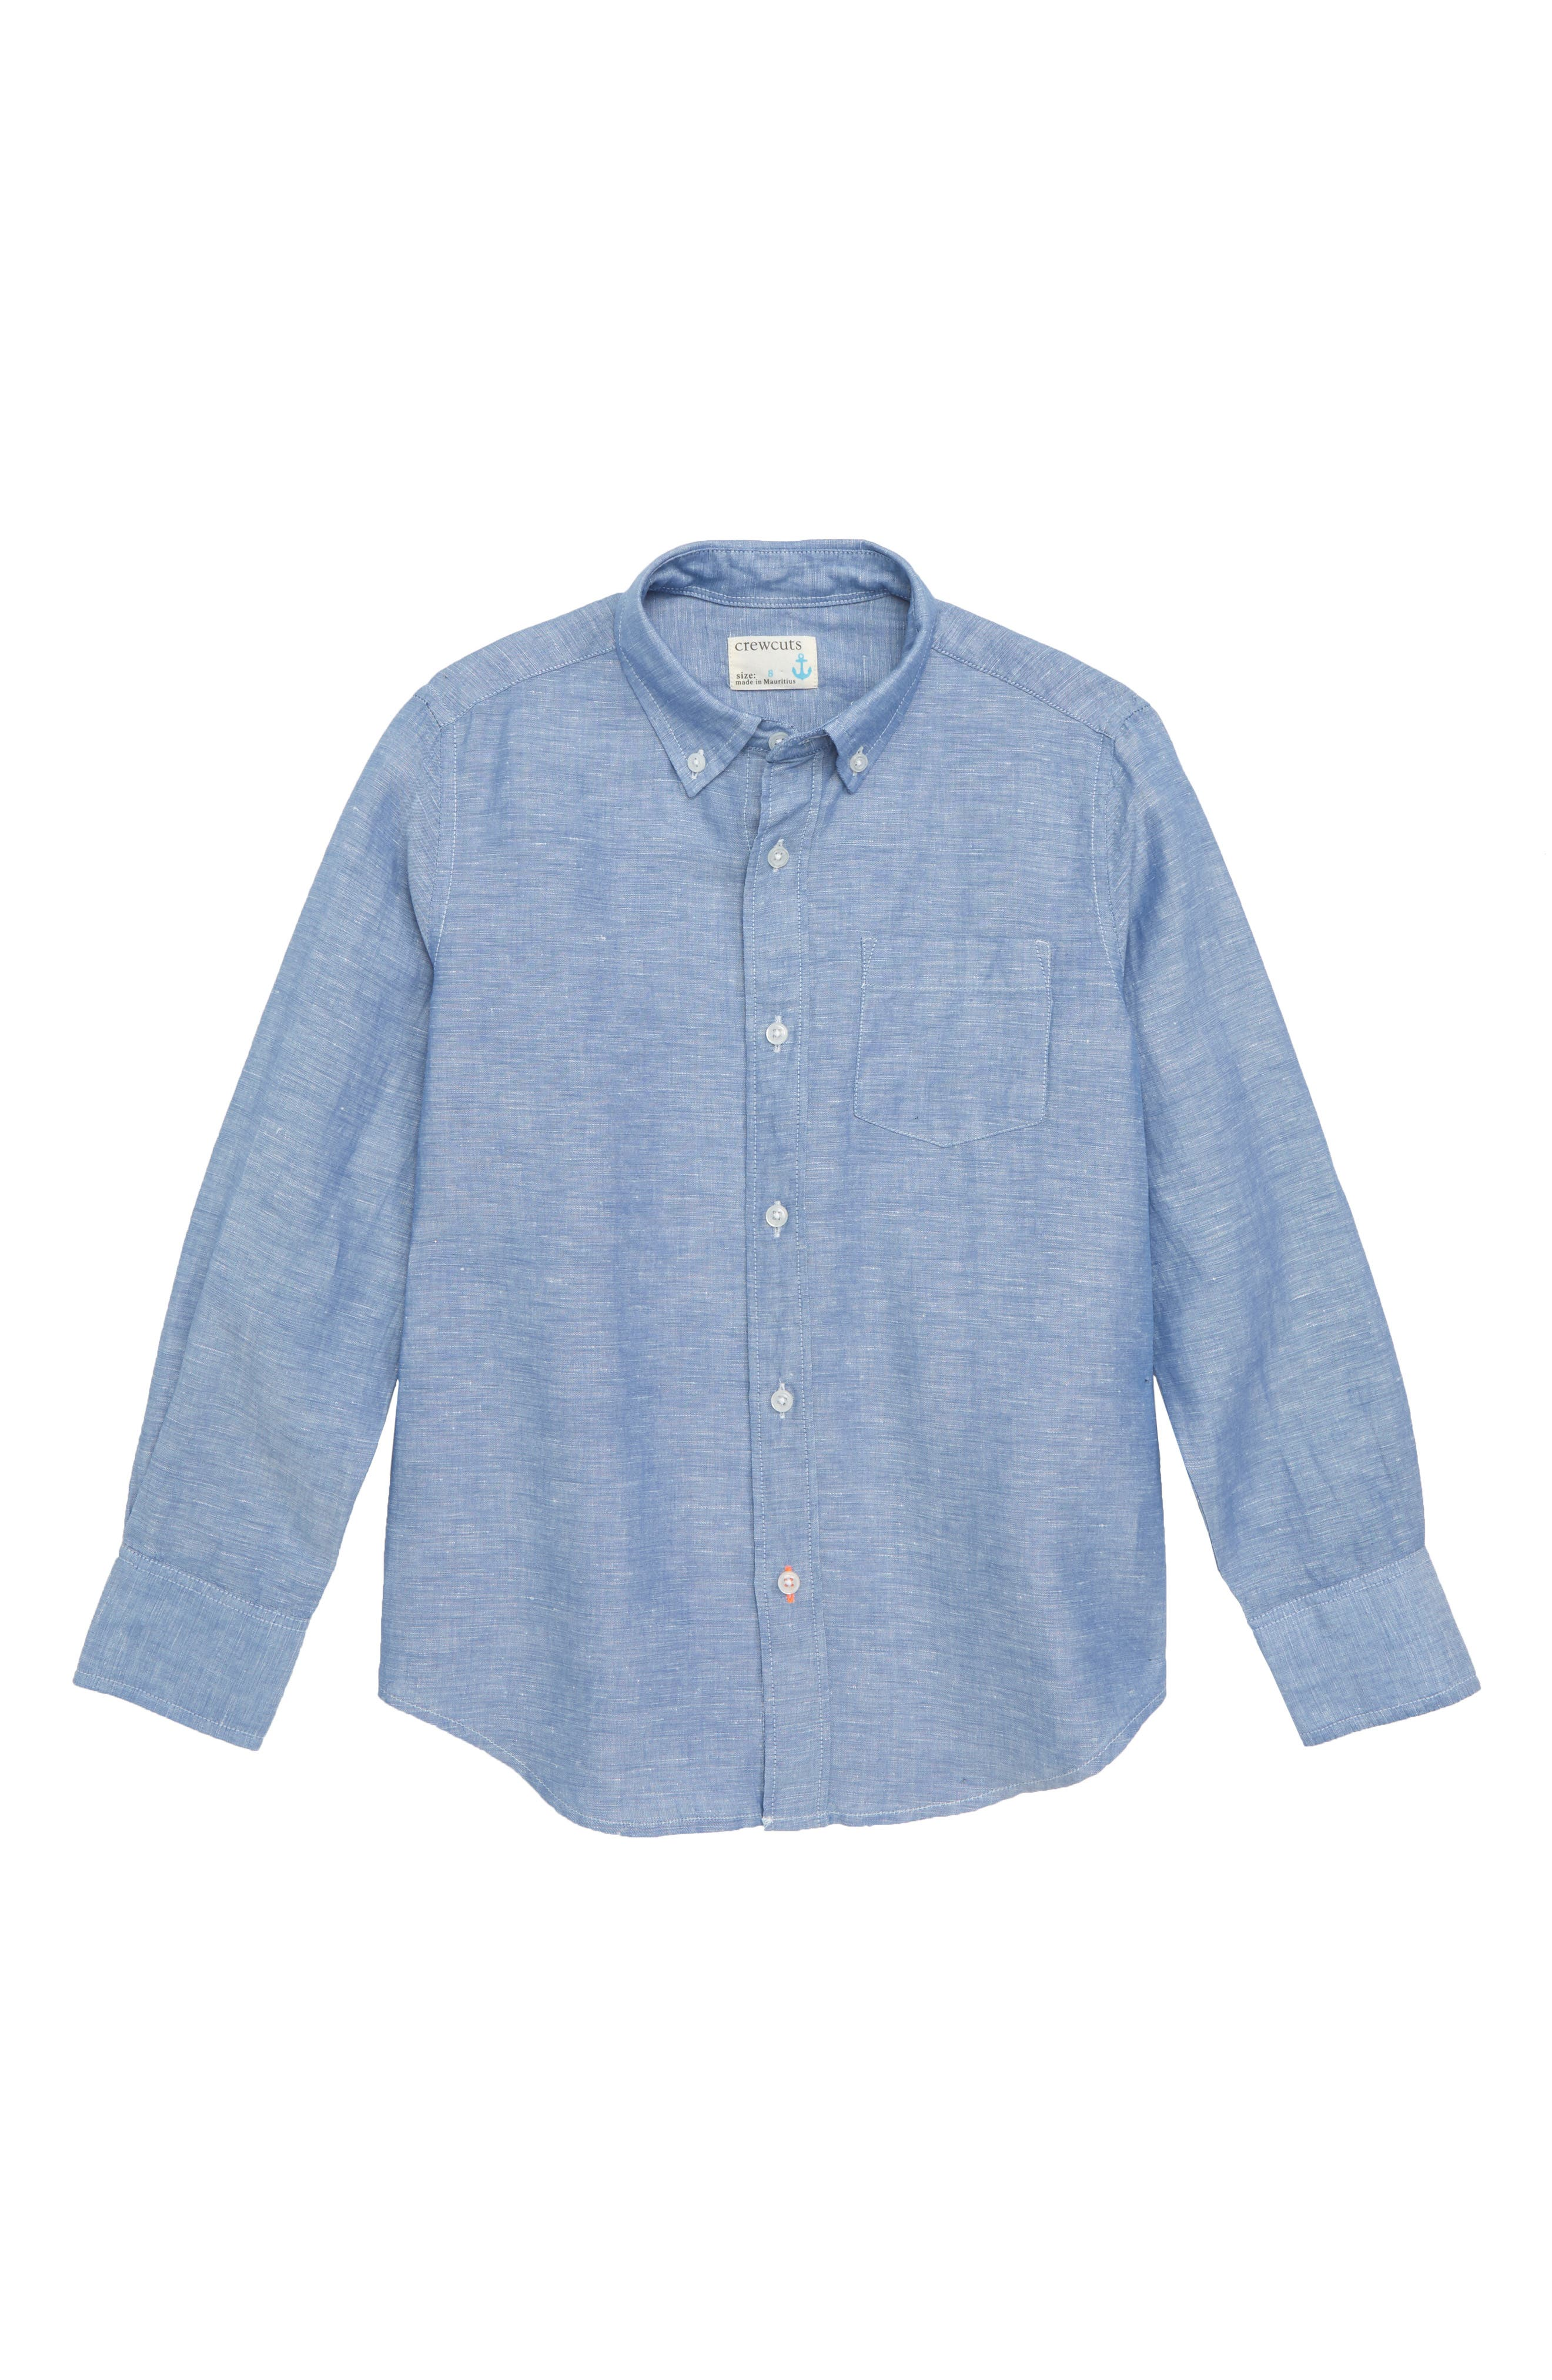 Linen & Cotton Shirt,                             Main thumbnail 1, color,                             400